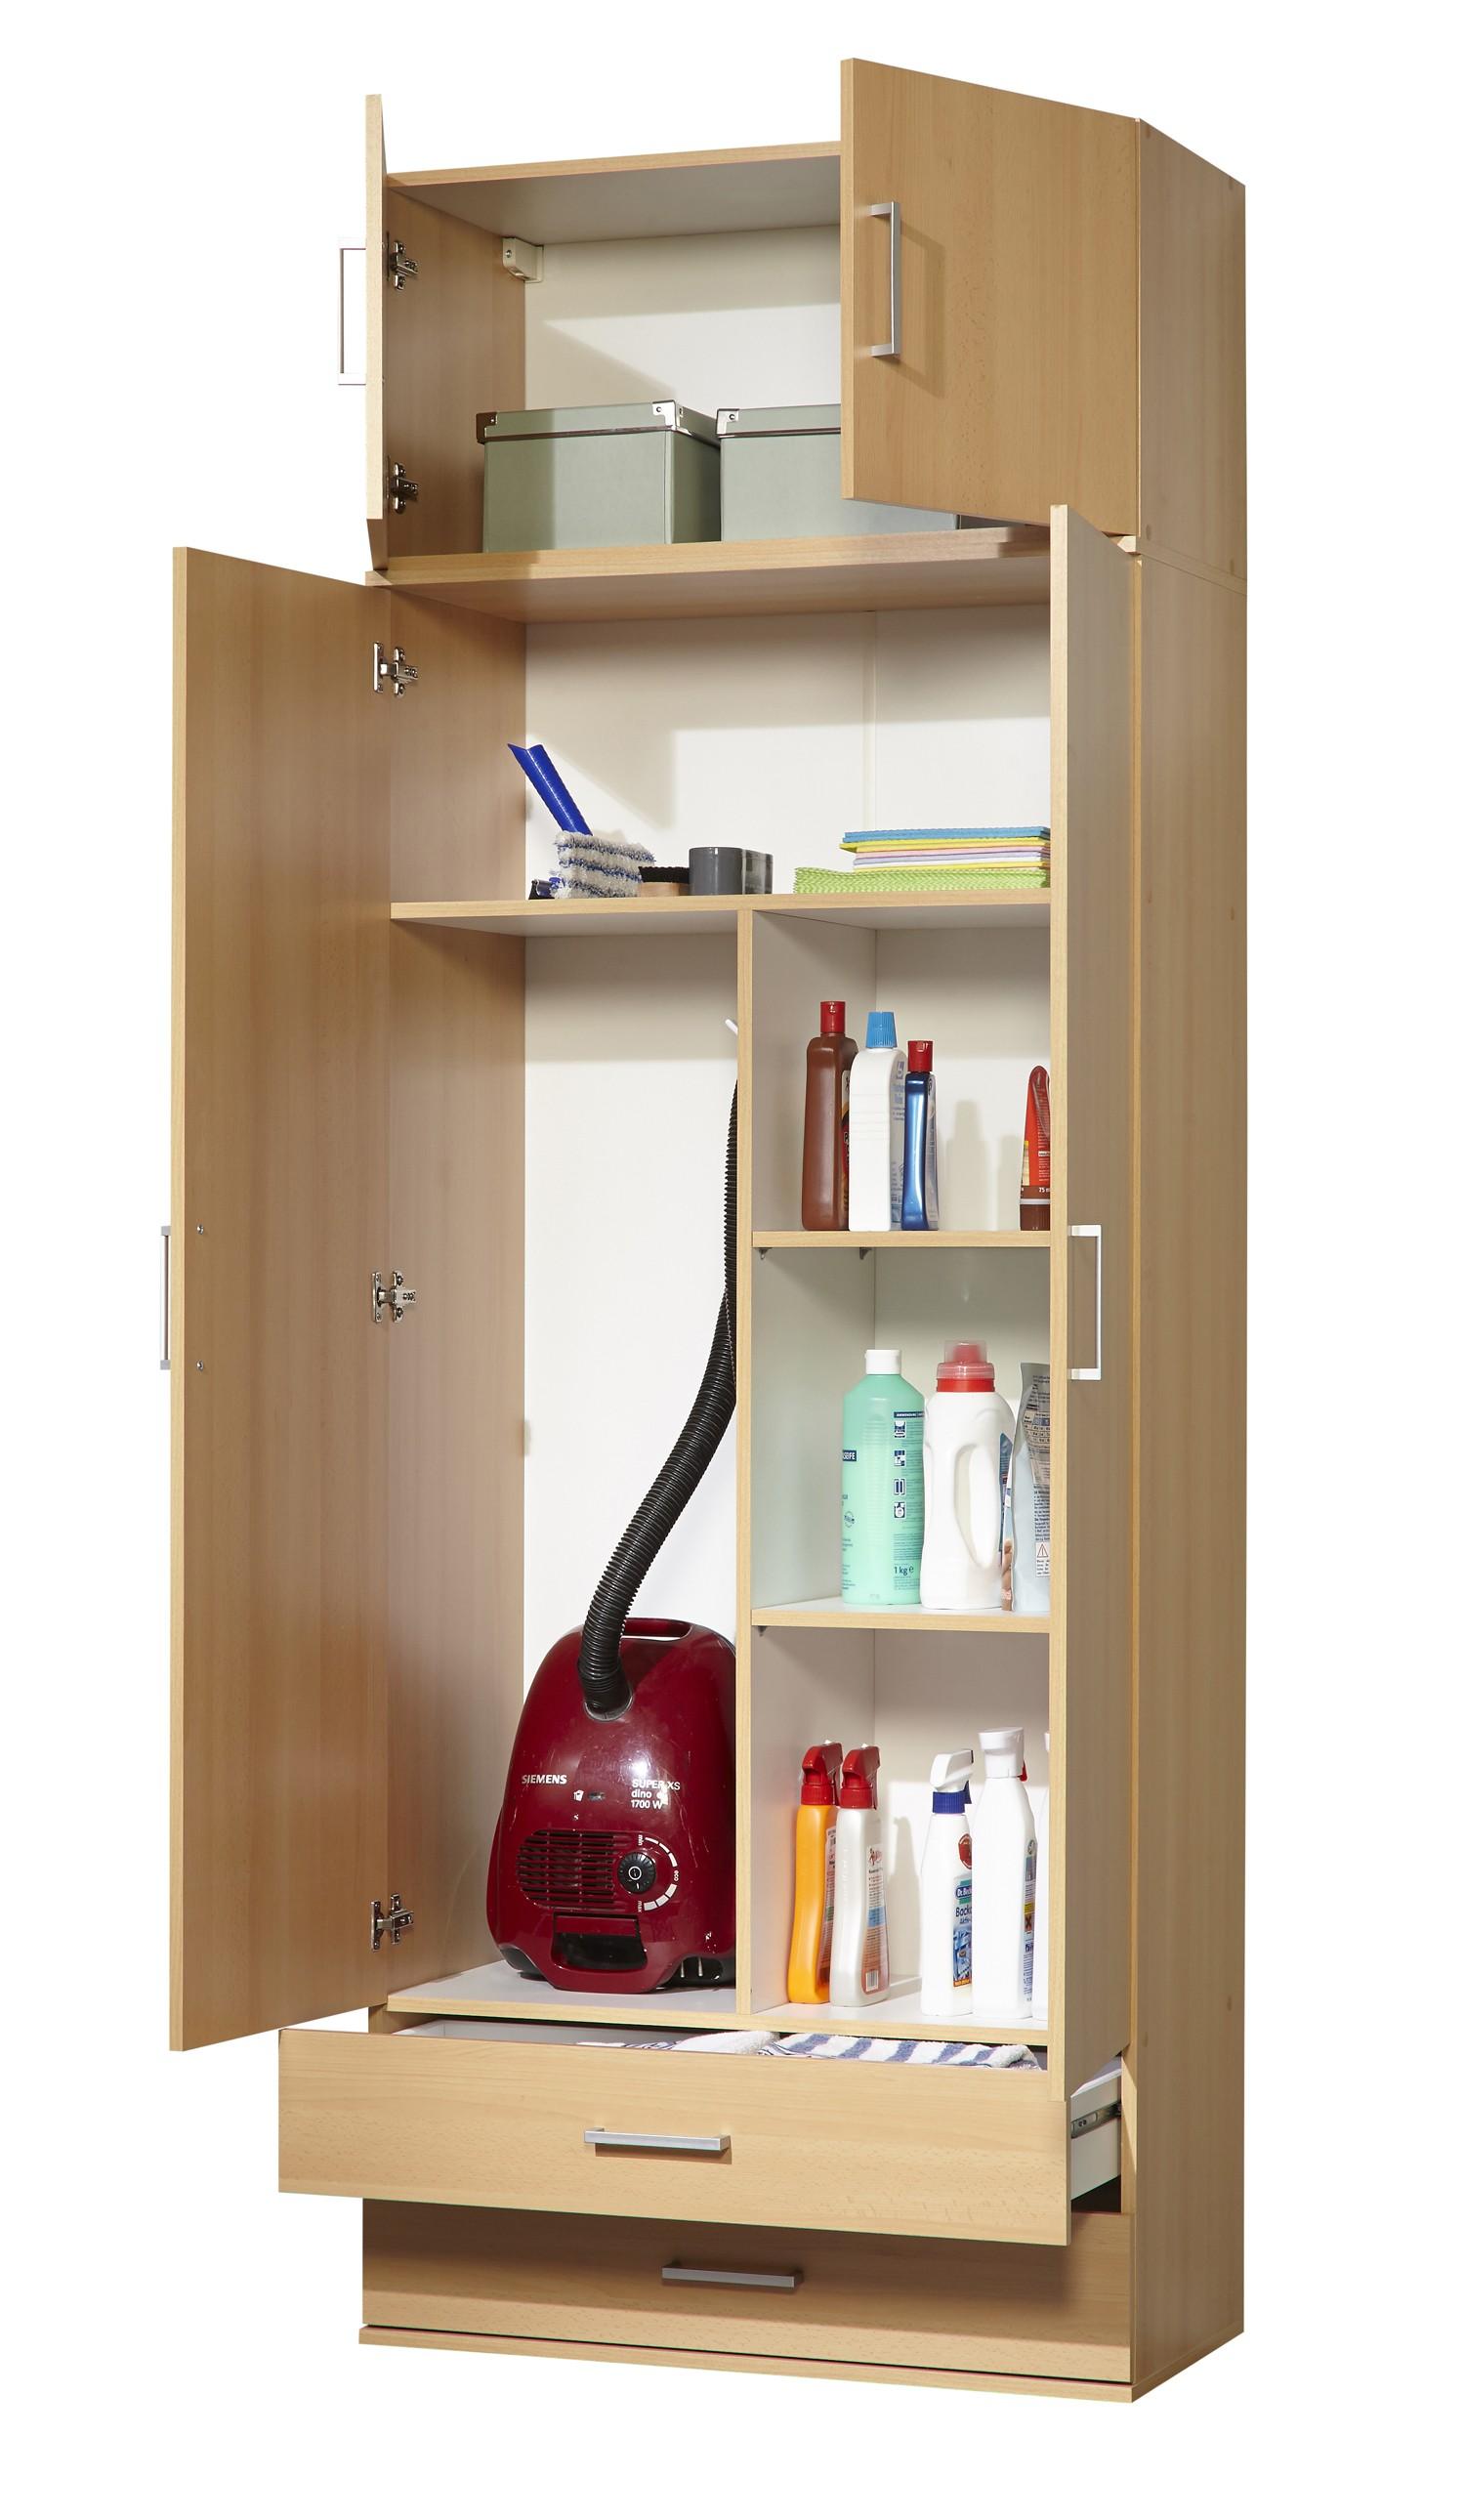 Staubsaugerschrank - Mehrzweckschrank Mod.W029 Buche - H&C Möbel